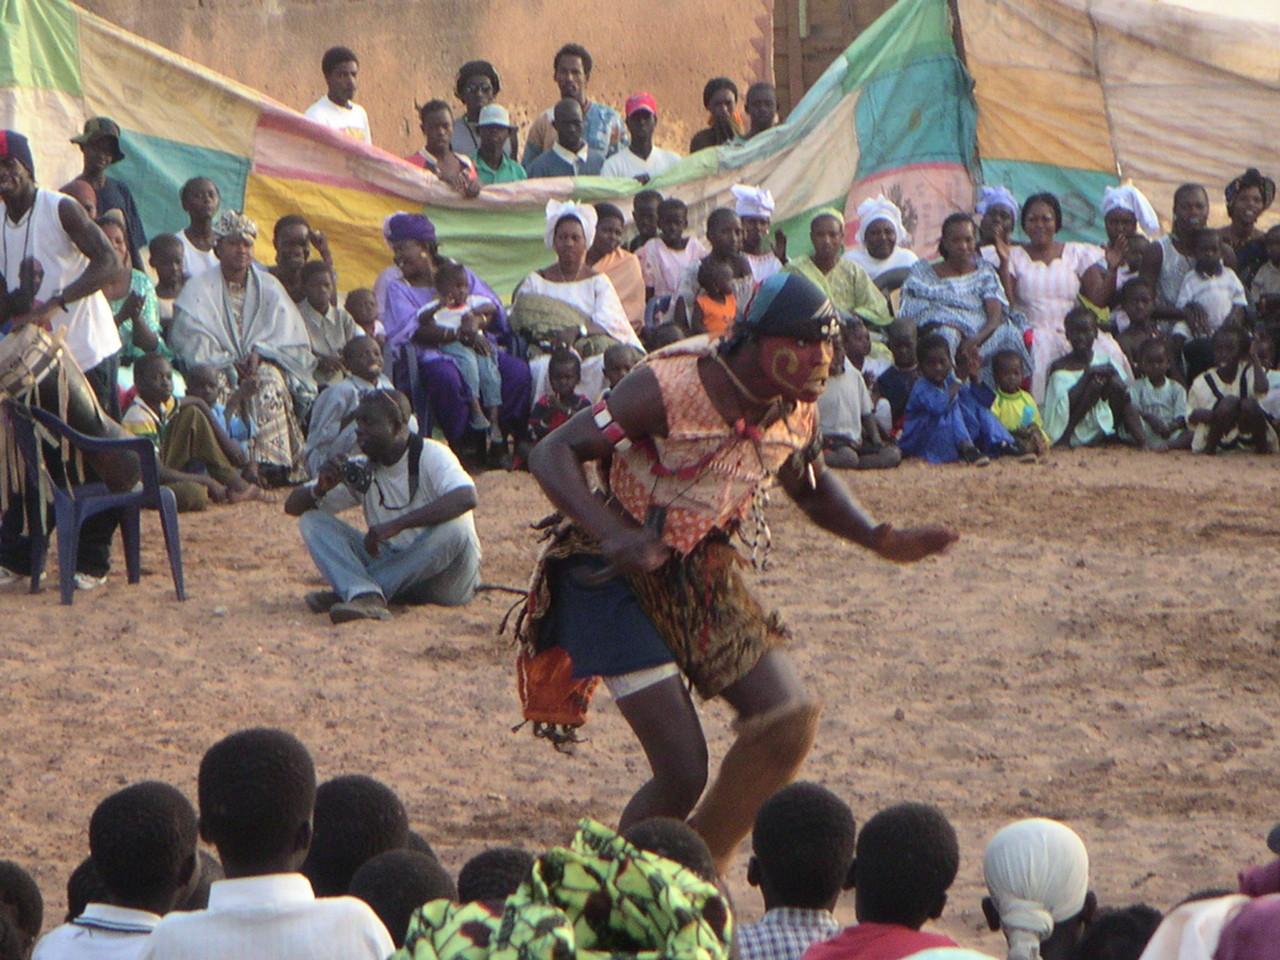 Senegal, Toubab Dialaw, Spektakel